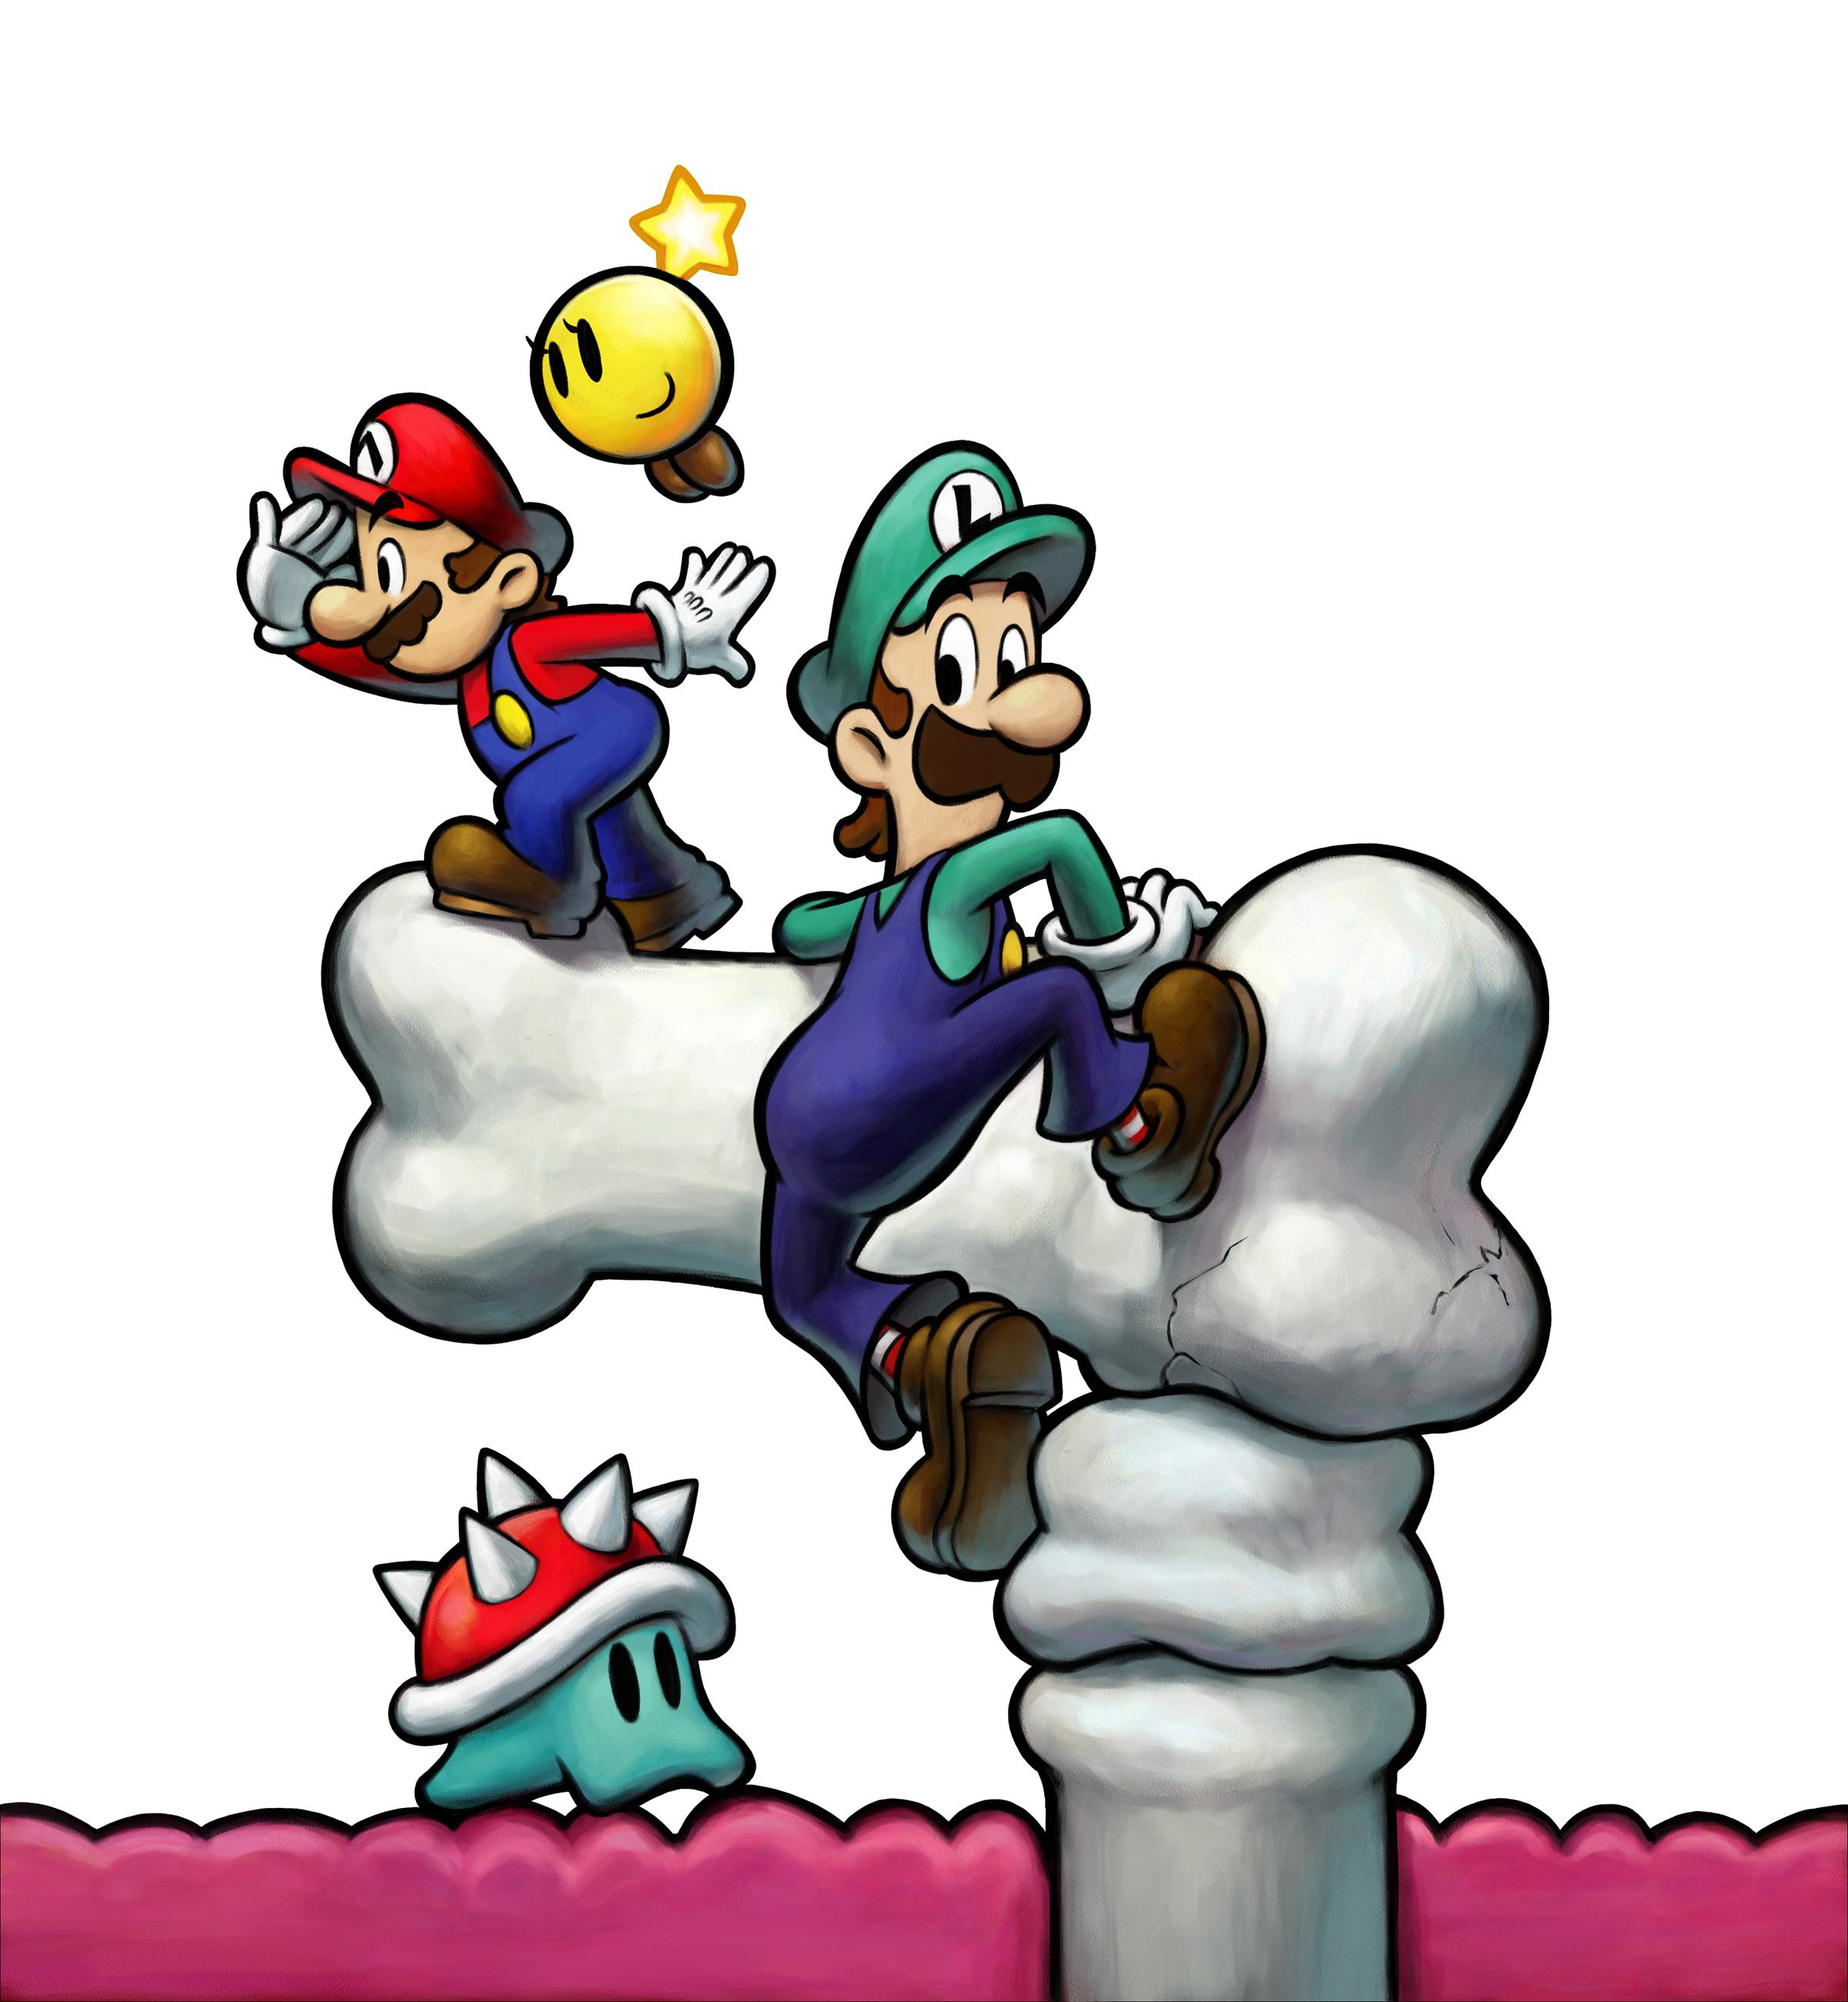 Mario Luigi Bowsers Inside Story Ds Artwork Including